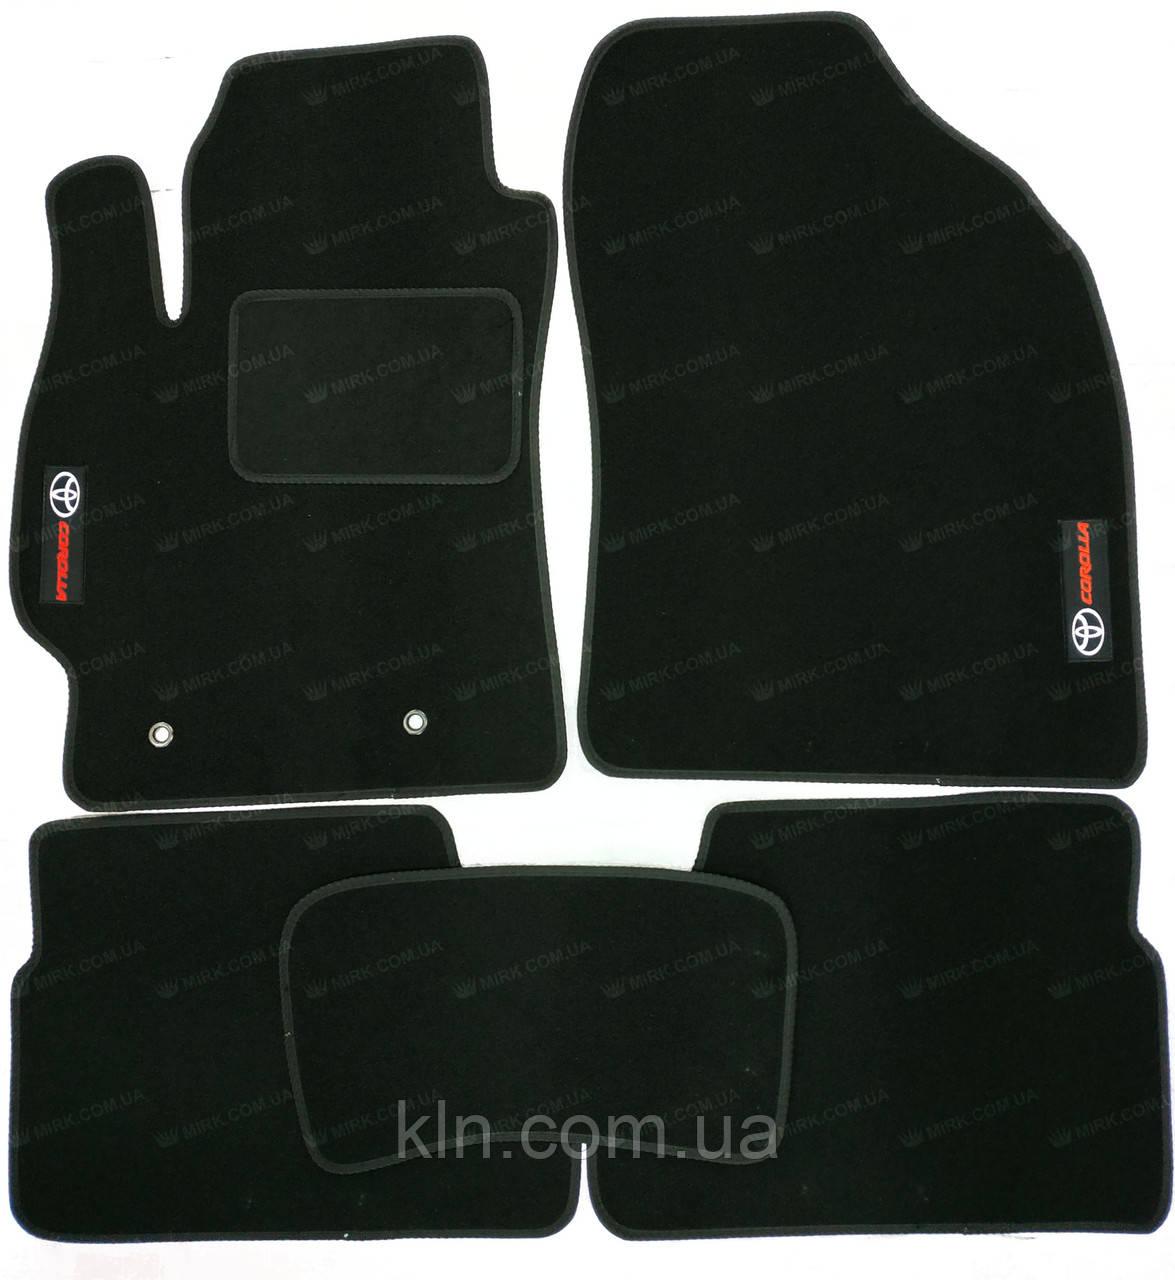 Коврики Toyota Corolla E140 2007-2012 текстильные Standart